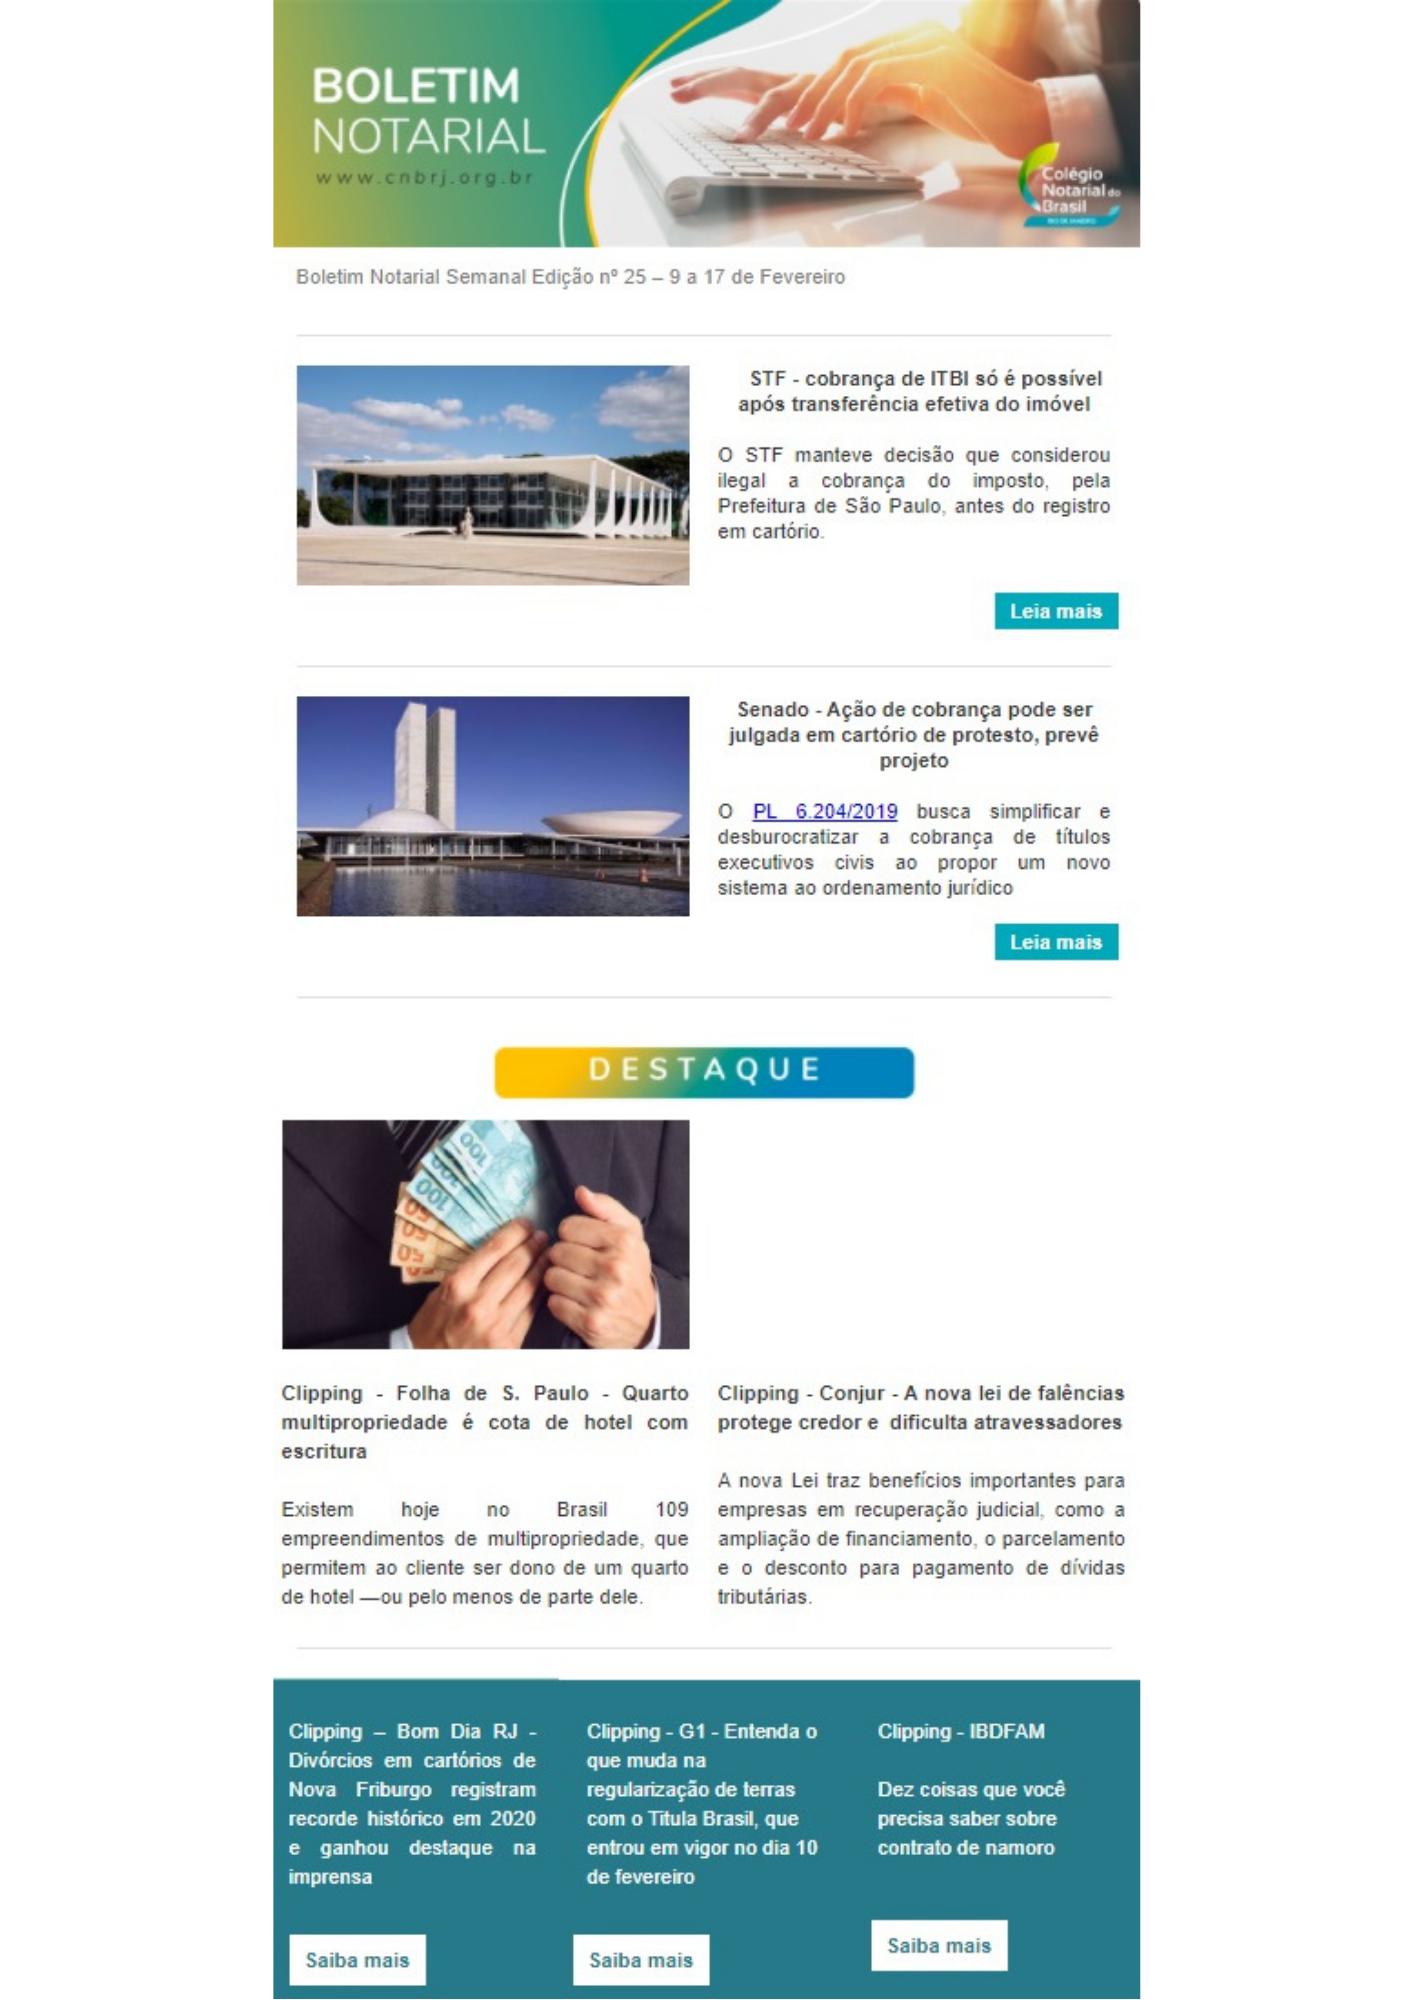 Boletim Notarial Semanal Edição Nº25